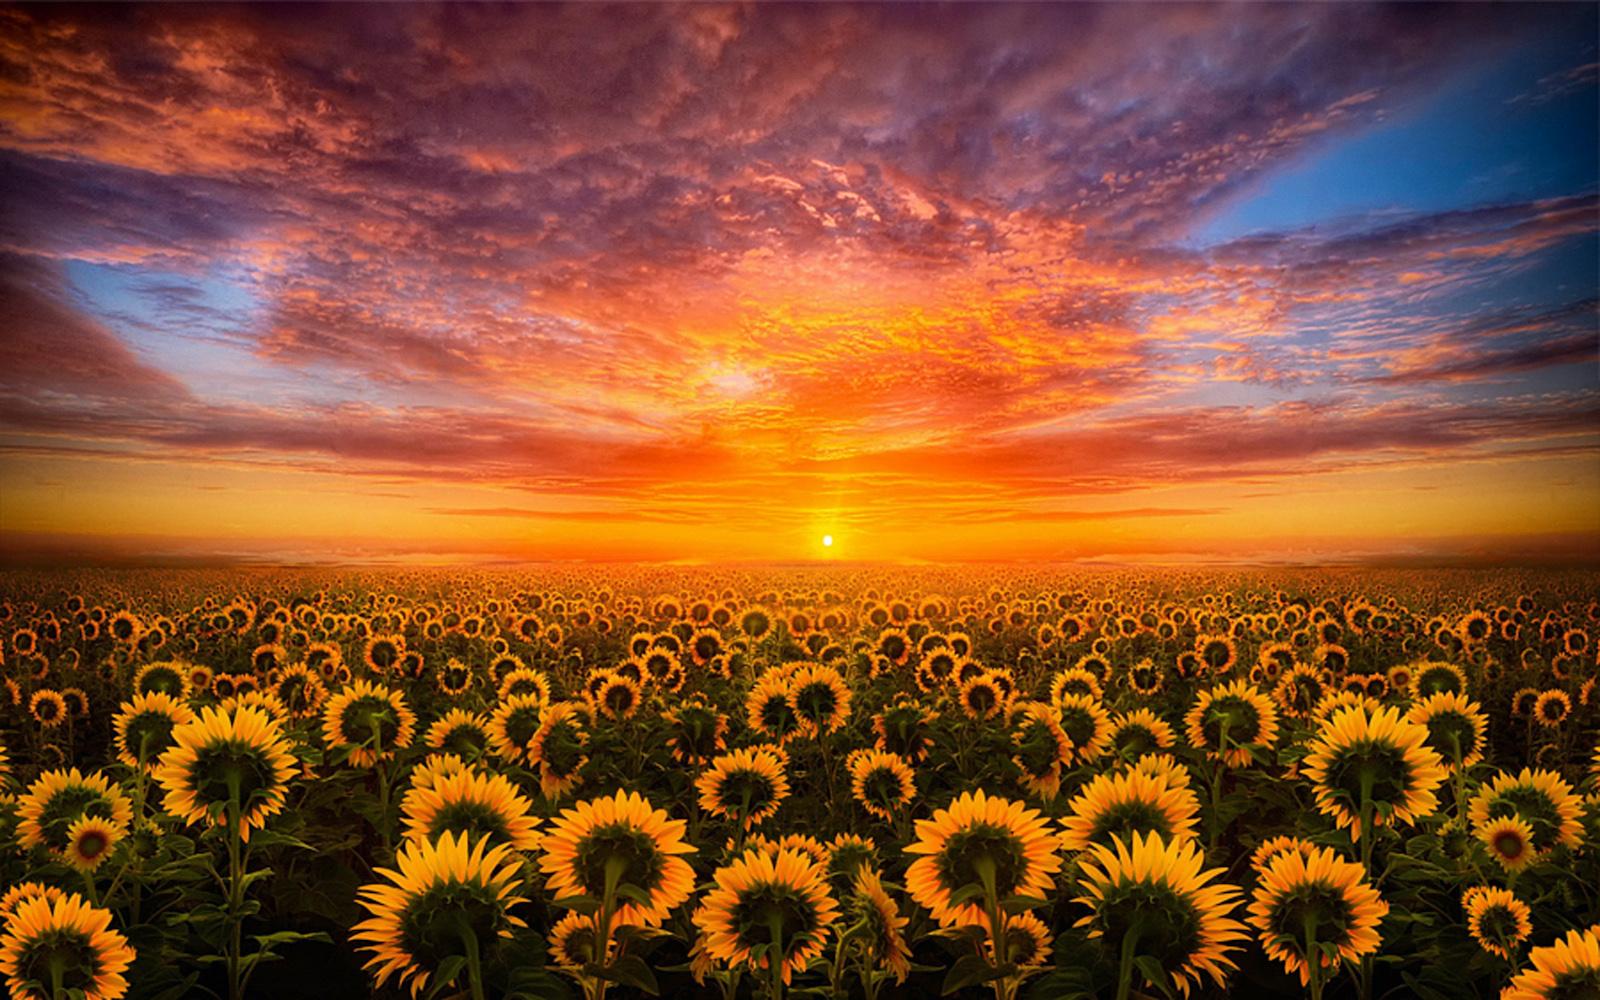 Обнимающий солнце: подсолнухи вместо опиоидов